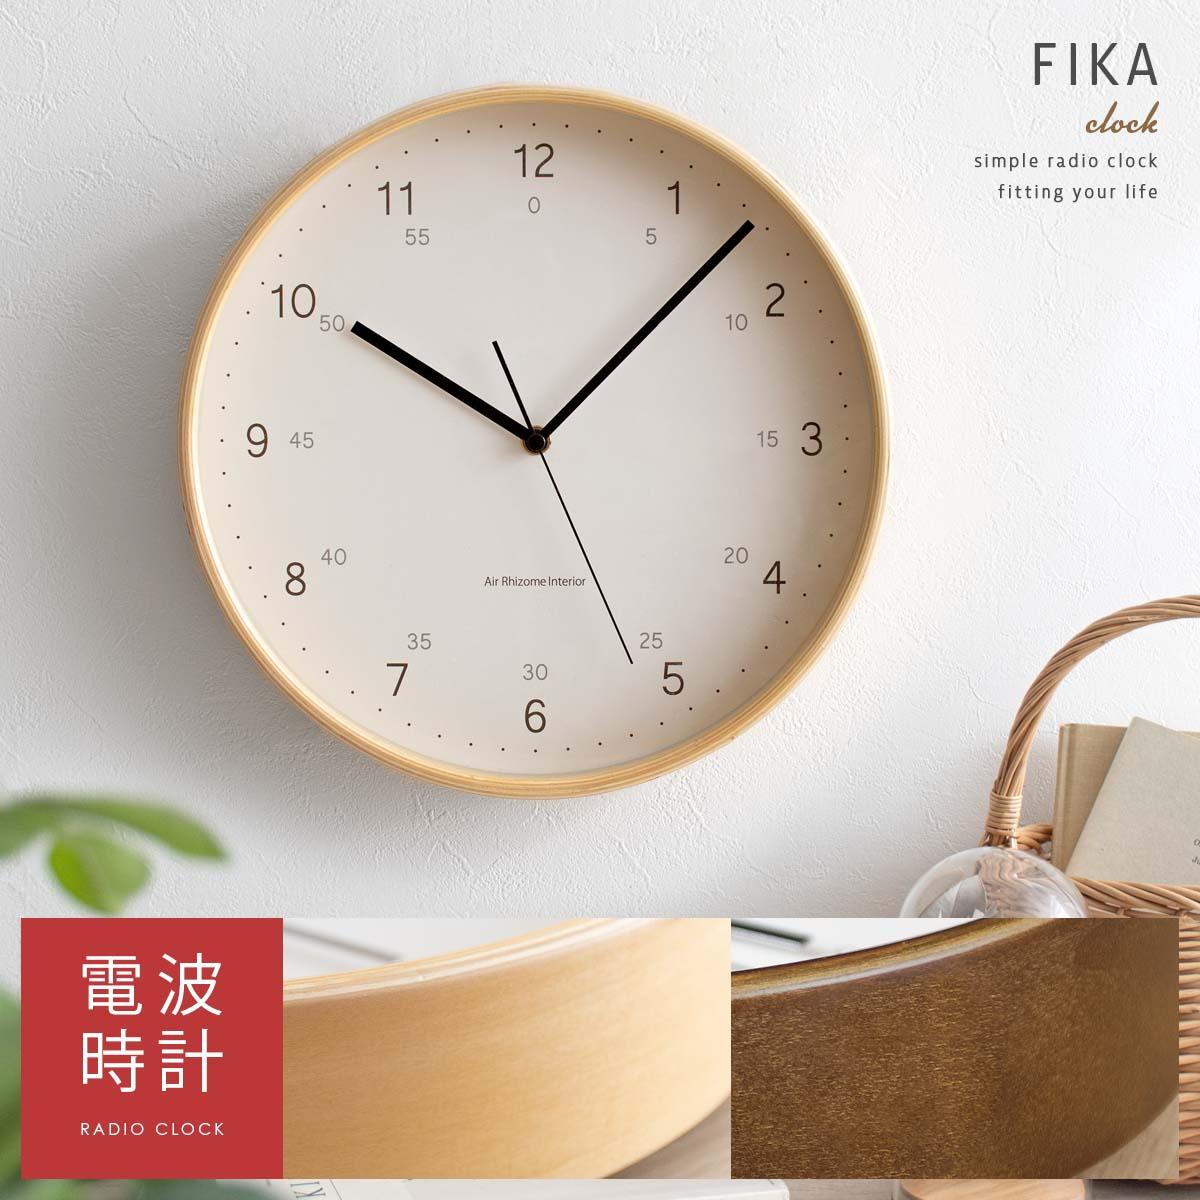 電波時計 スーパーセール 電波掛時計 壁掛け時計 時計 掛け時計 電波式 おしゃれ クロック ウォールクロック FIKA レトロ かわいい シンプル 北欧 フィーカ モダン 大人気! 電波掛け時計